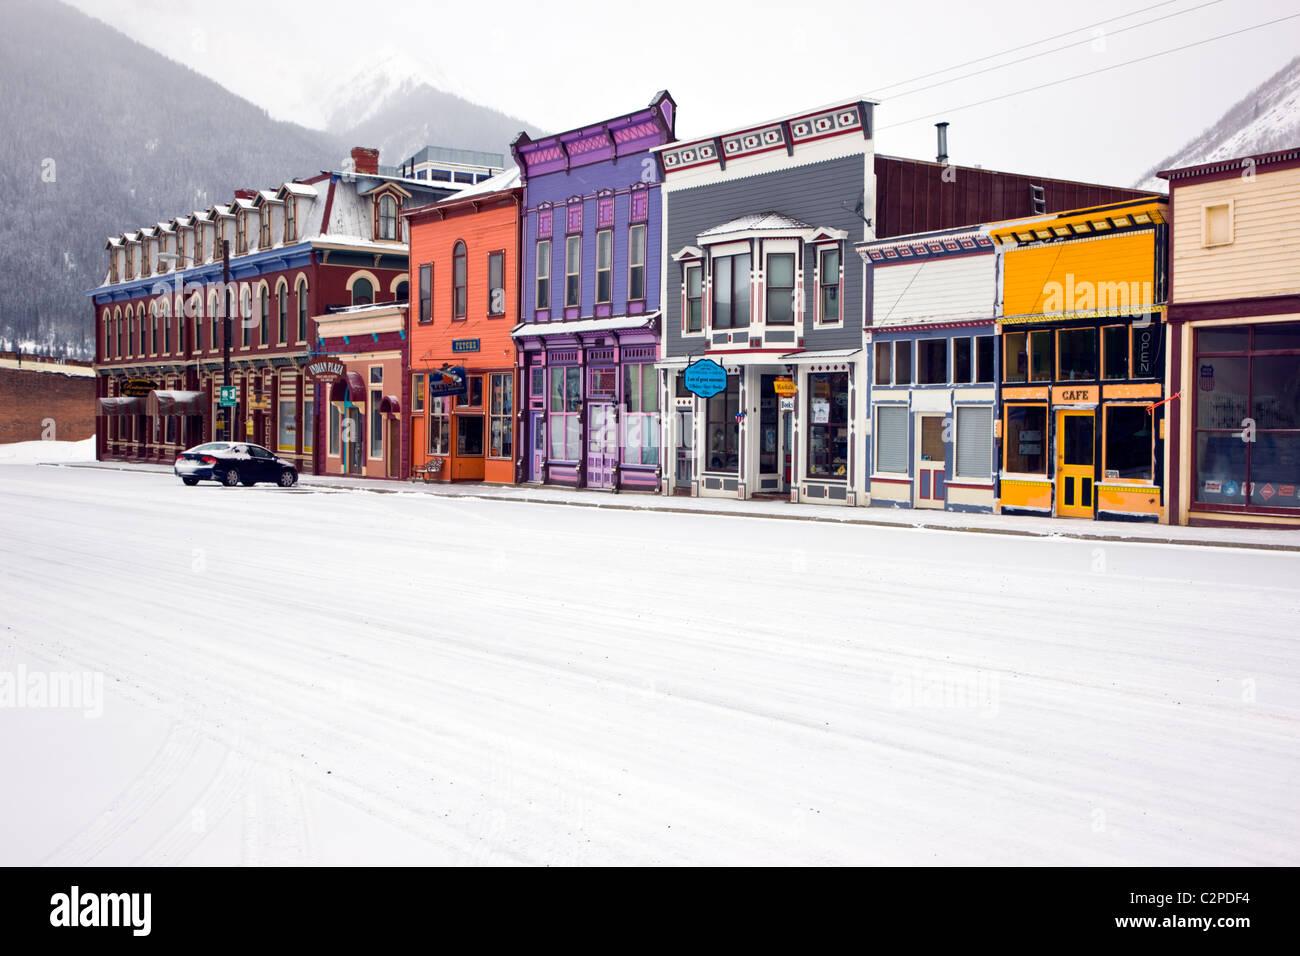 Vue d'hiver de l'architecture victorienne historique, Silverton, Colorado, une ancienne ville minière. Photo Stock